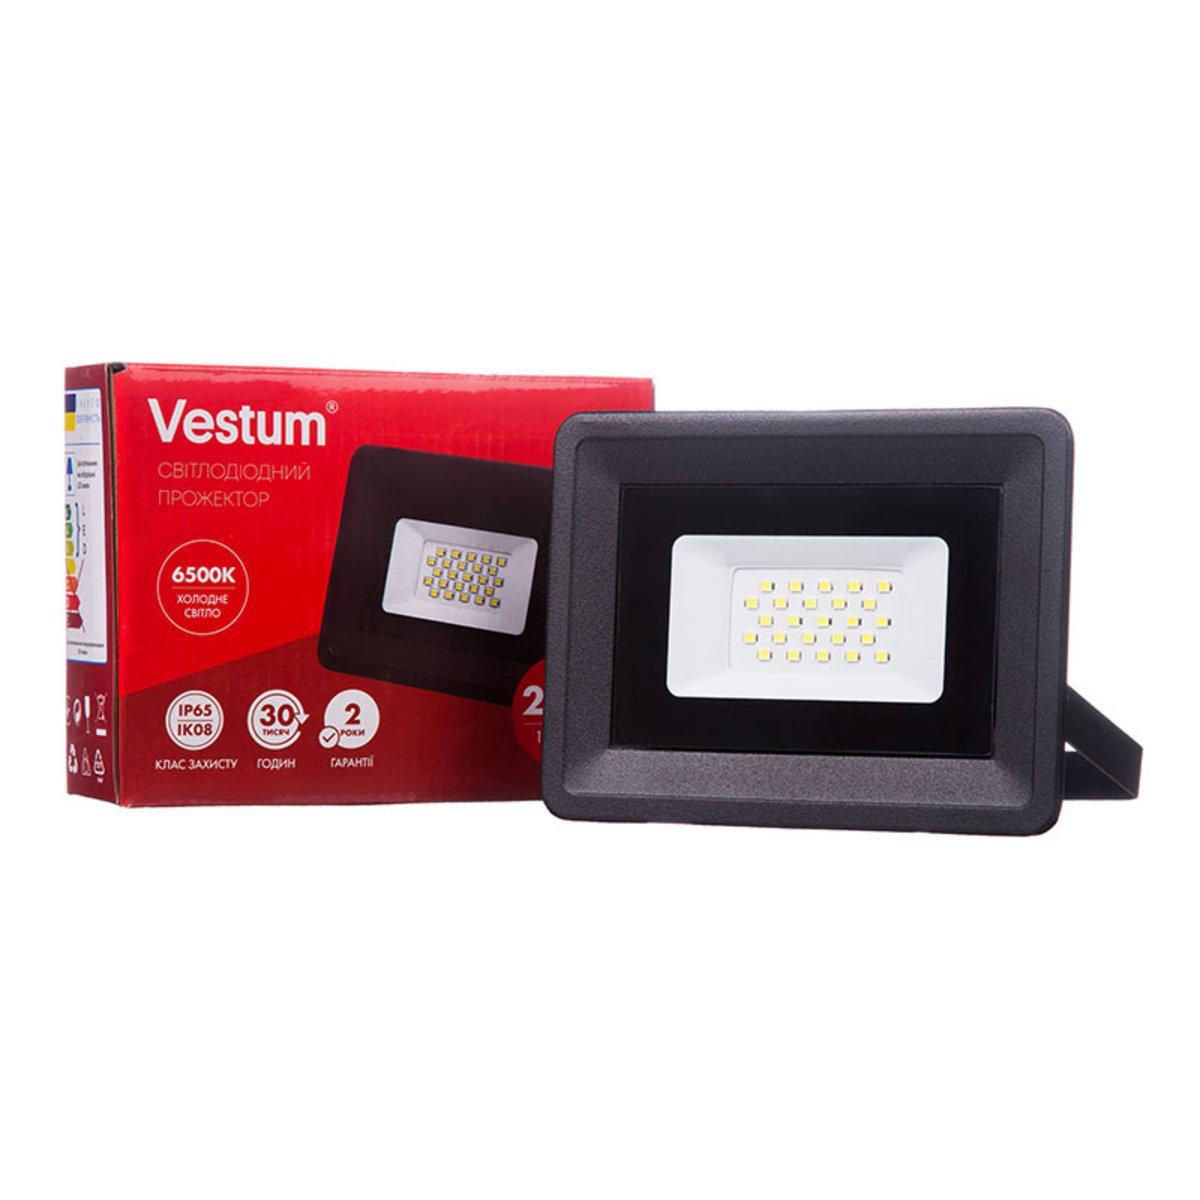 Светодиодный прожектор Vestum 20W 1800Лм 6500K 185-265V IP65 1-VS-3002